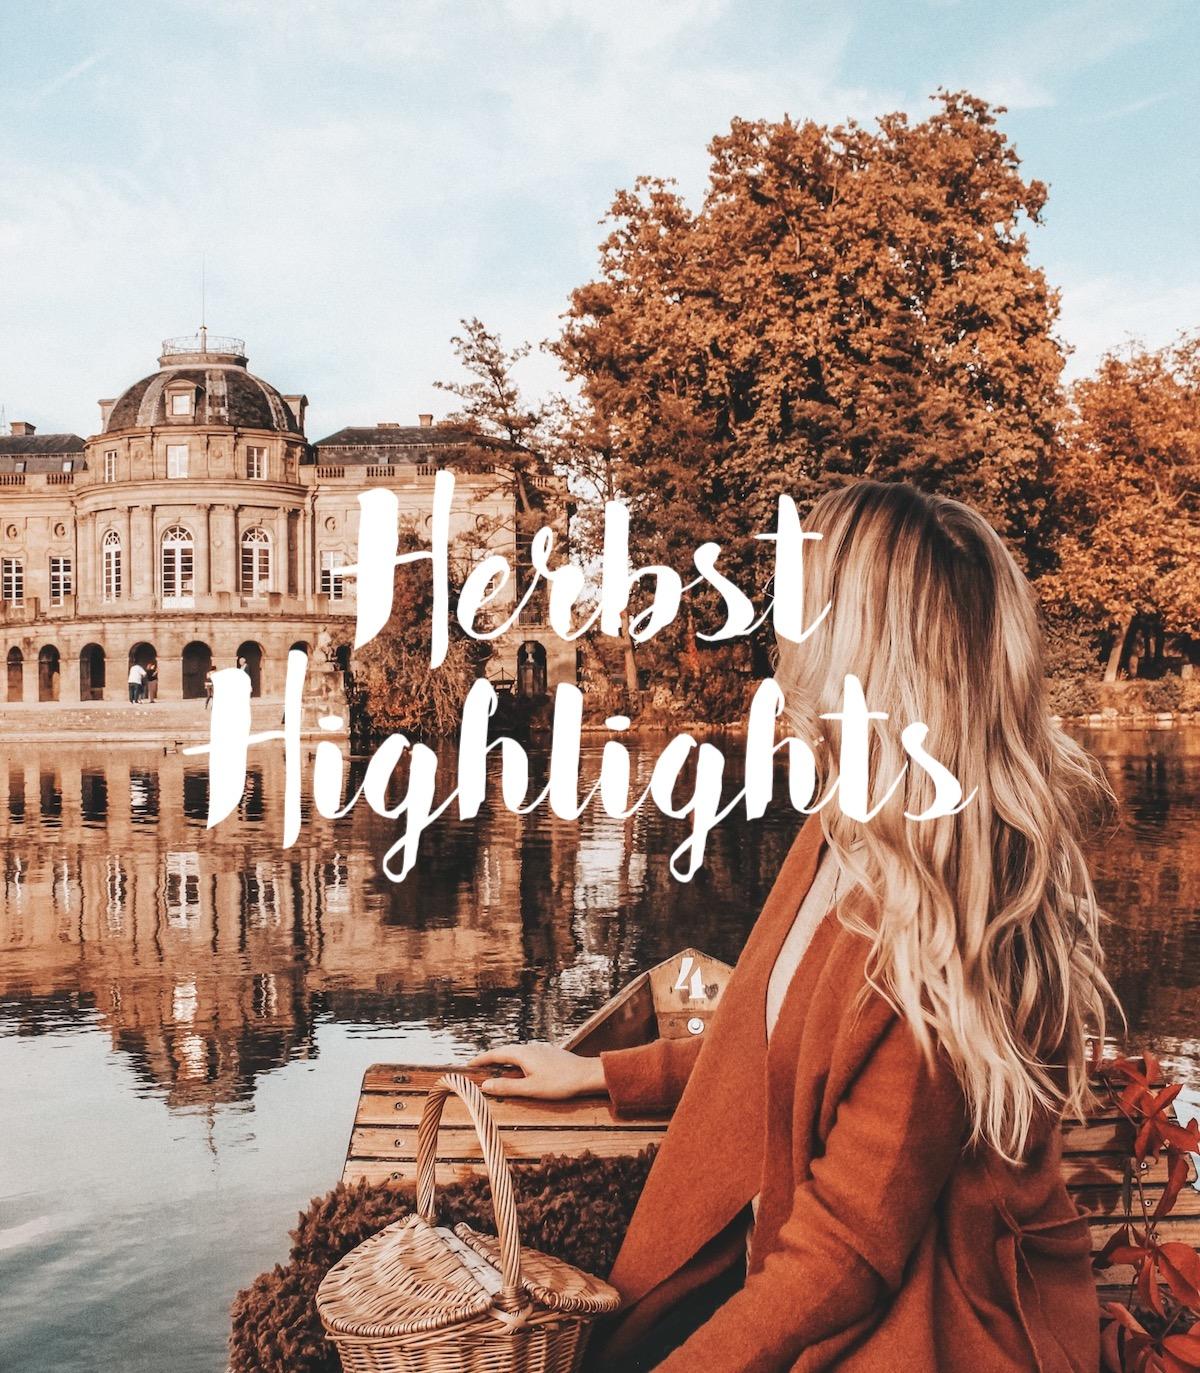 Herbst Highlights TheBlondeLion Region Stuttgart Herbst Spaziergänge Schönstes Airbnb Vorarlberg